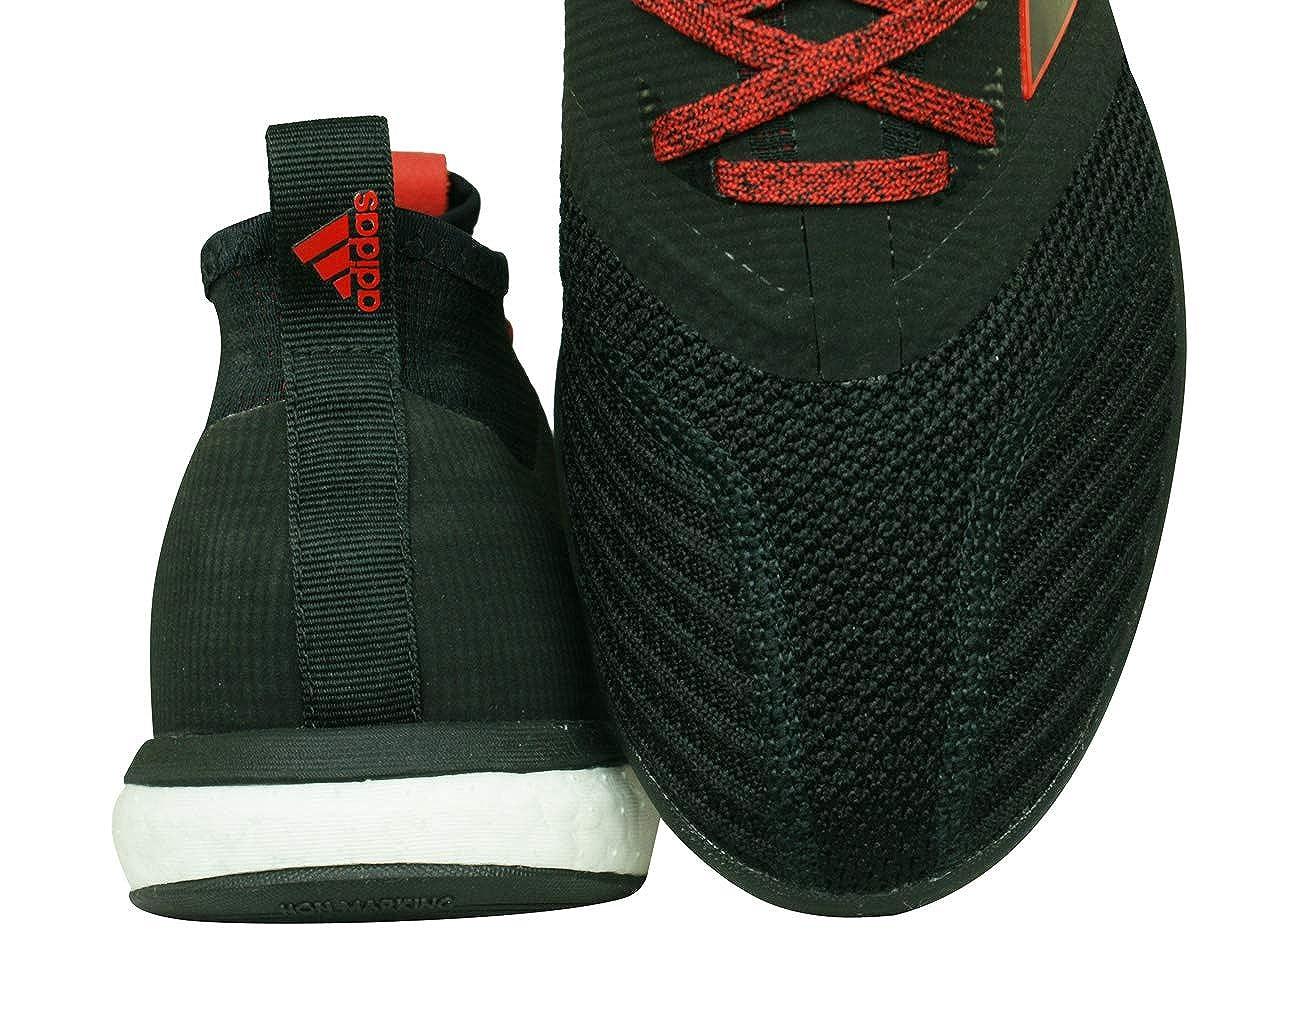 Adidas Herren Herren Adidas Ace Tango 17.1 Tr Turnschuhe 1a73c1